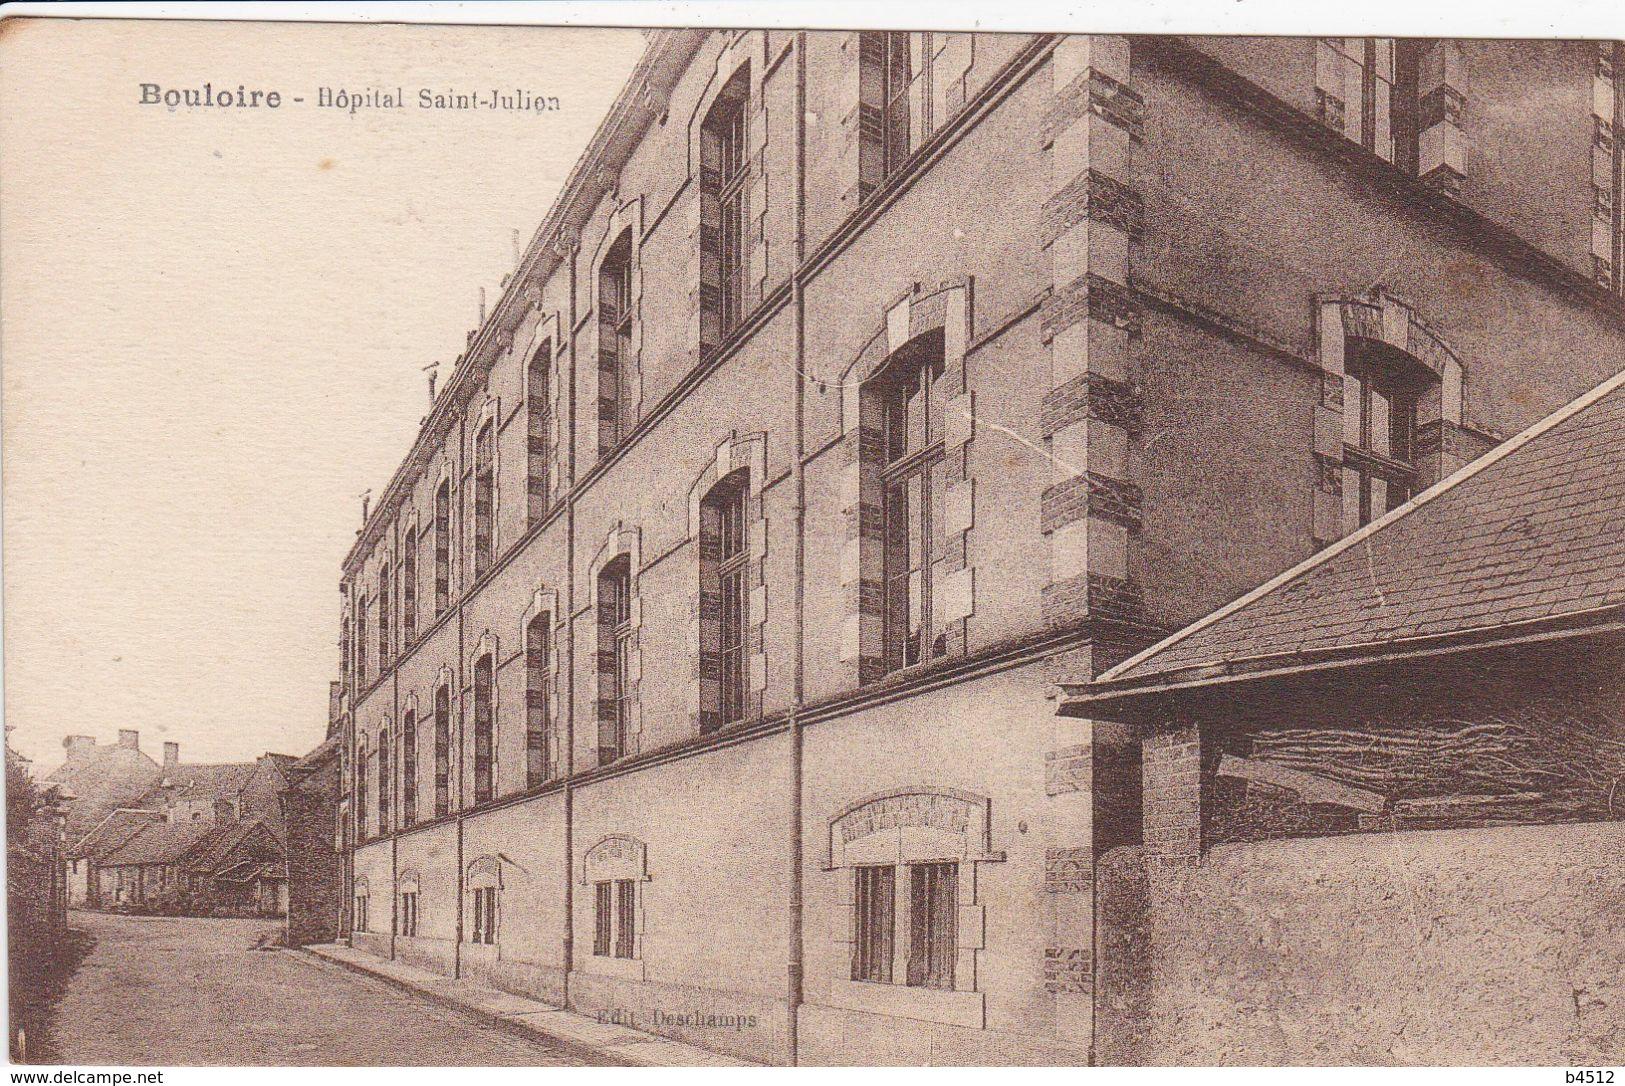 72 BOULOIRE Hôpital Saint Julien - Bouloire